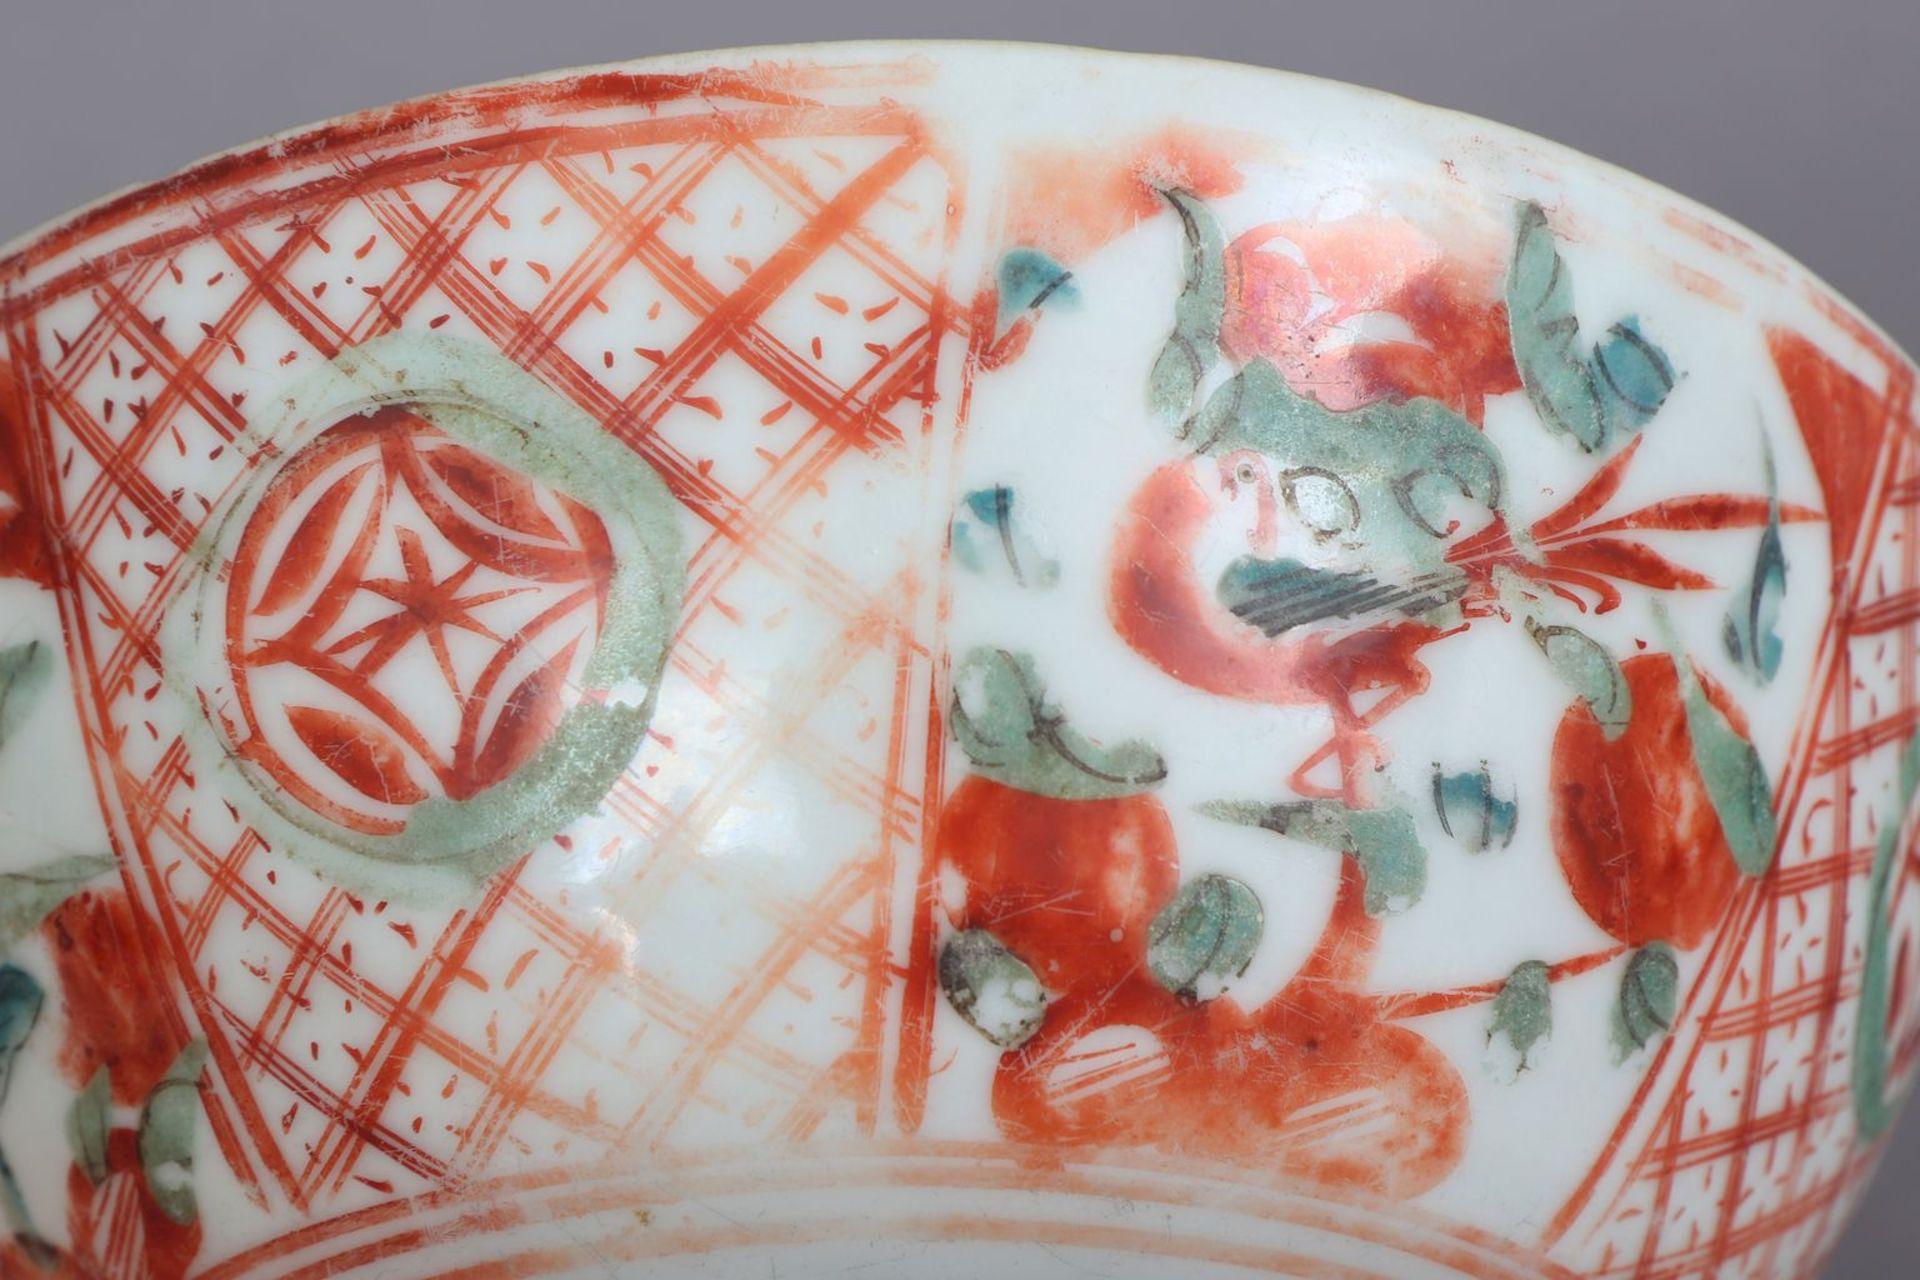 Chinesische Porzellanschale mit Pfirsichdekor - Image 3 of 5